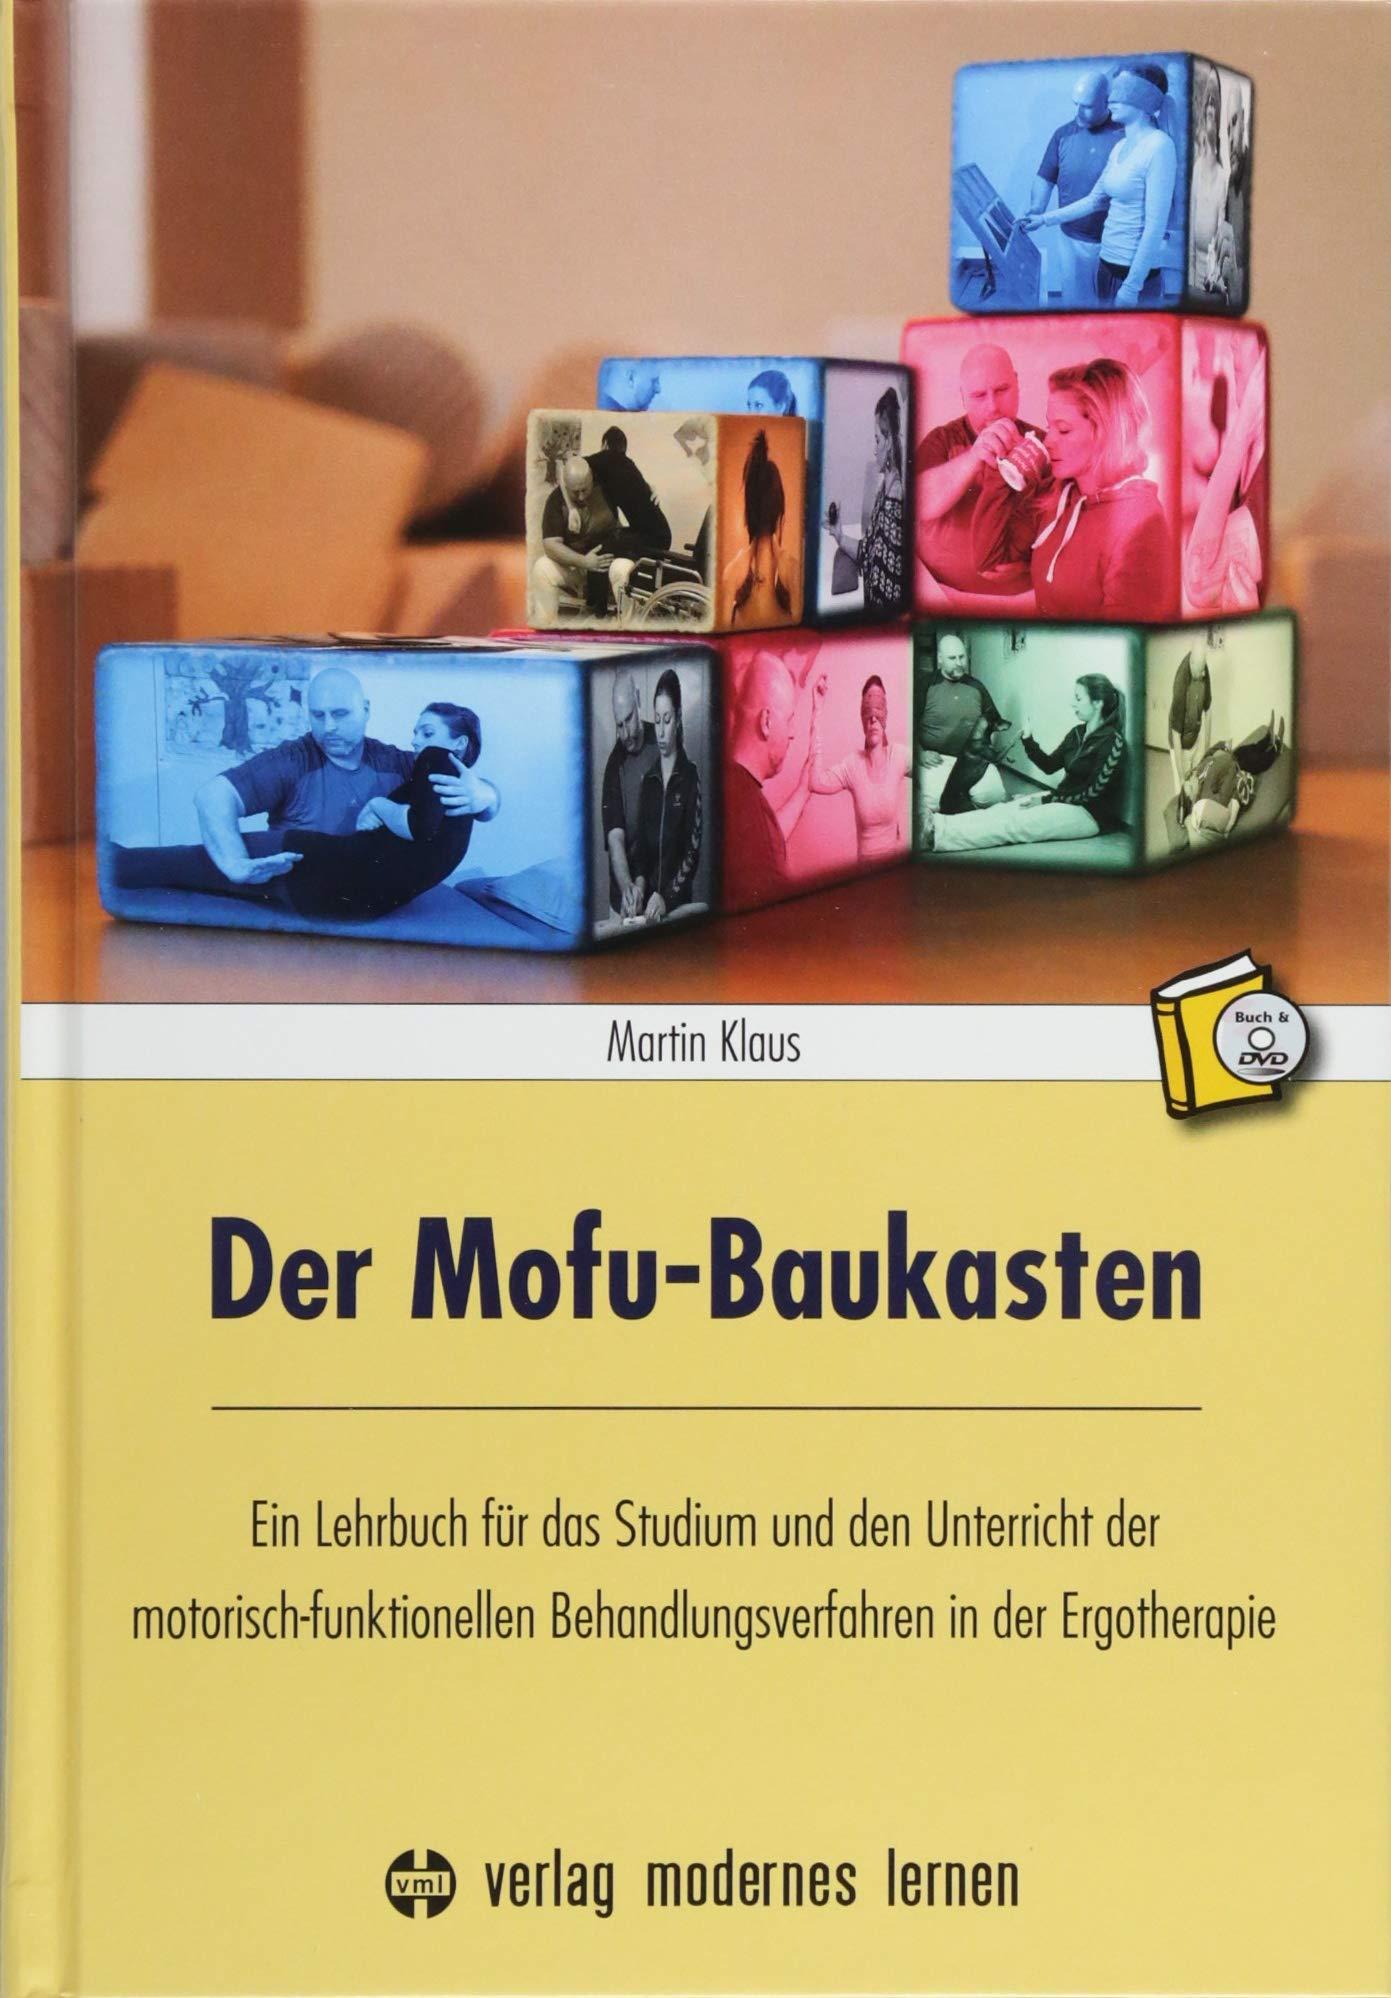 Der Mofu-Baukasten: Ein Lehrbuch für das Studium und den Unterricht der motorisch-funktionellen Behandlungsverfahren in der Ergotherapie